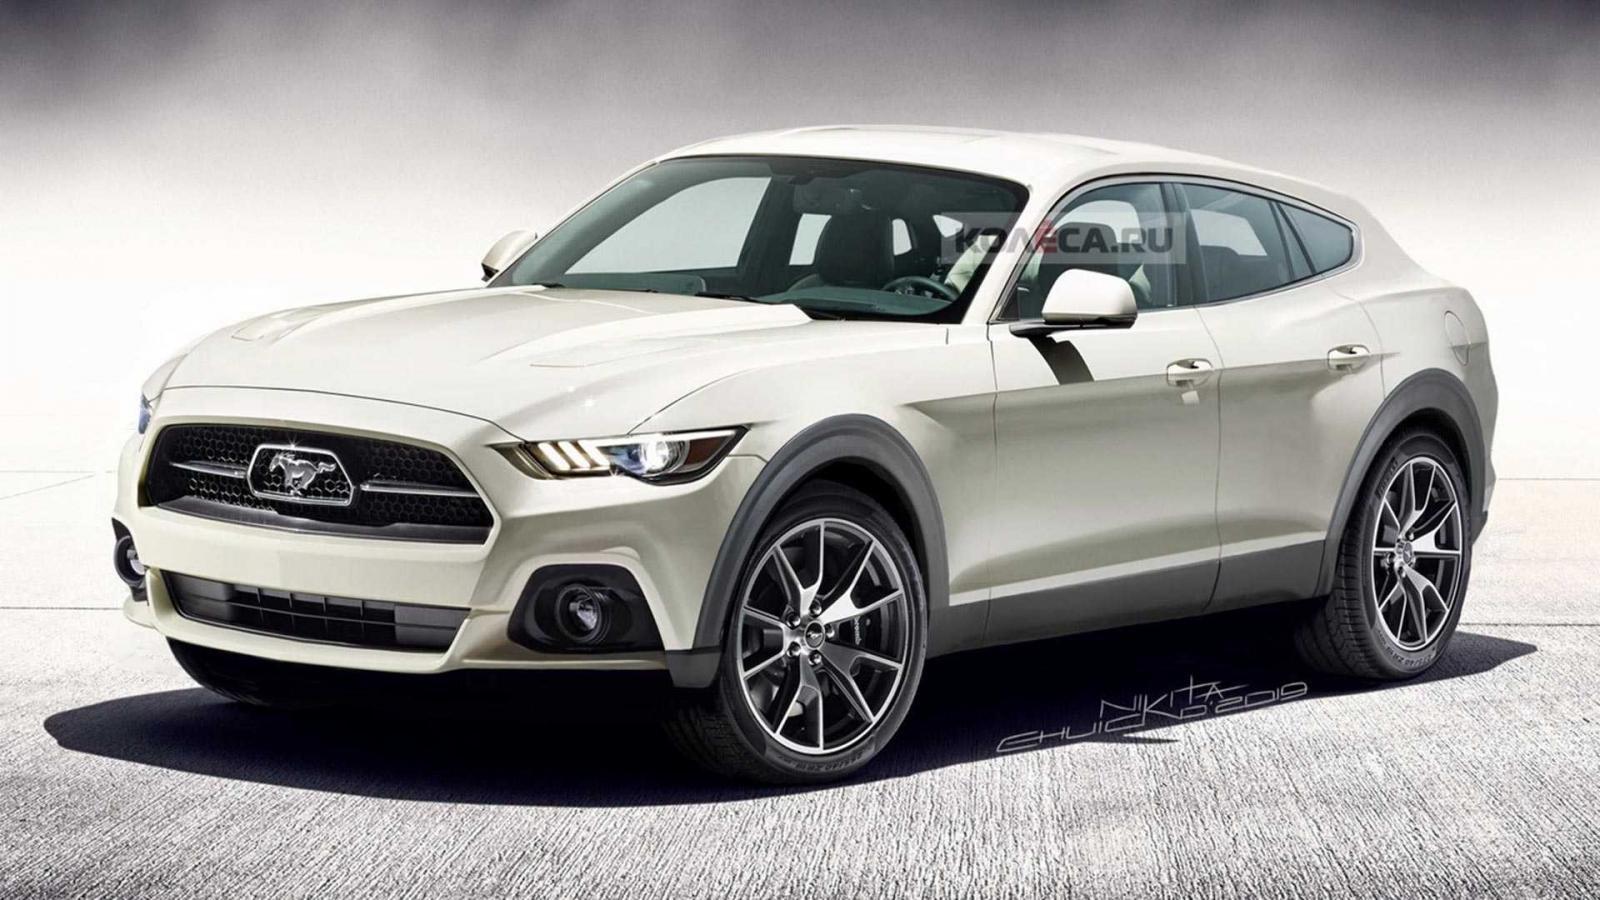 Fan ô tô sắp diện kiến mẫu crossover điện có thiết kế giống Ford Mustang a4